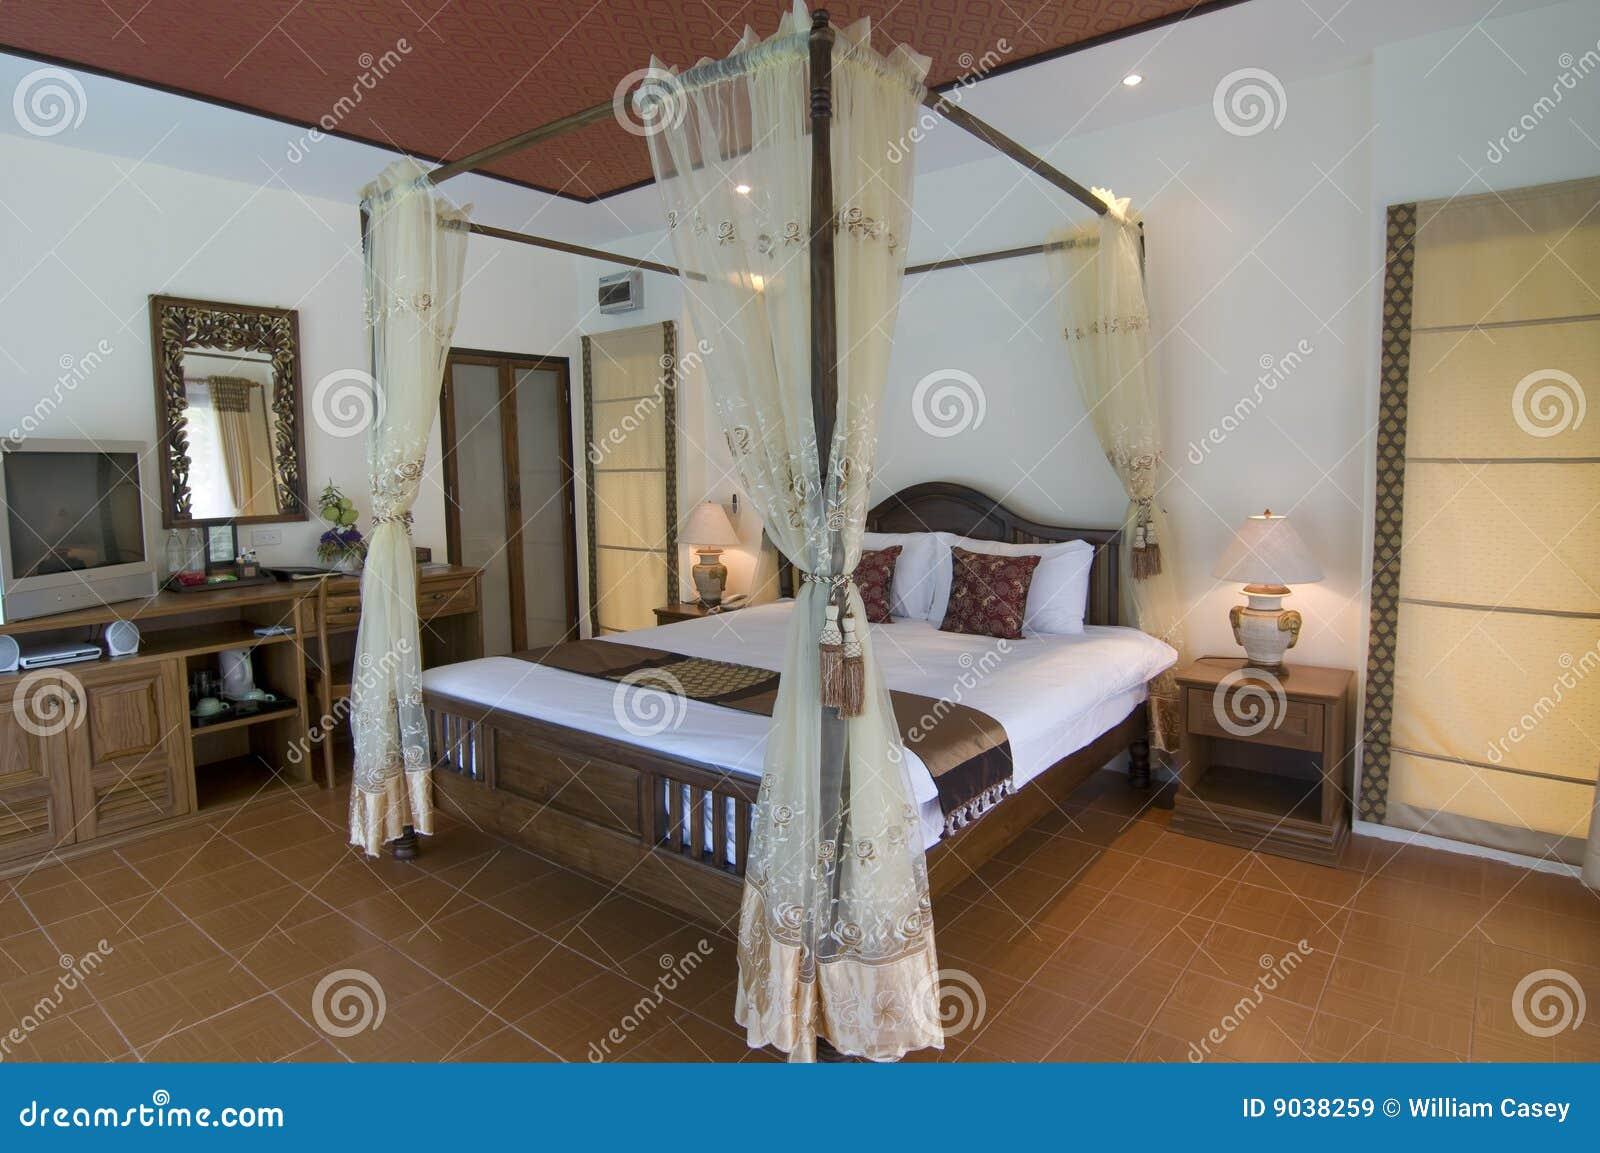 Camere Da Letto Orientale : Immagini camere da letto orientali casera galerie caserainfode